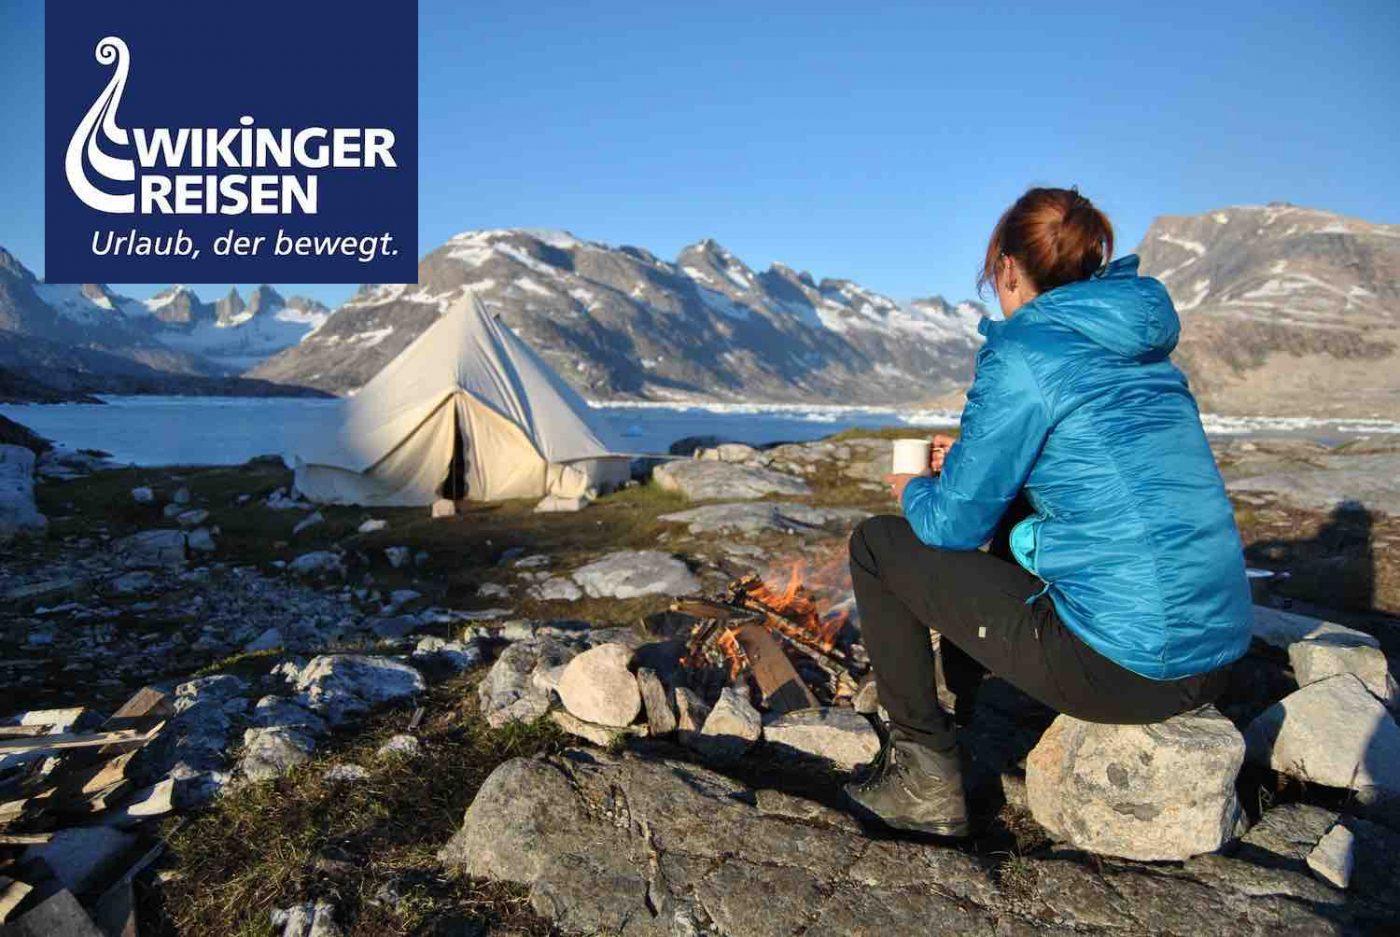 Wikinger Reisen: Wildnistrekking in Ostgrönland